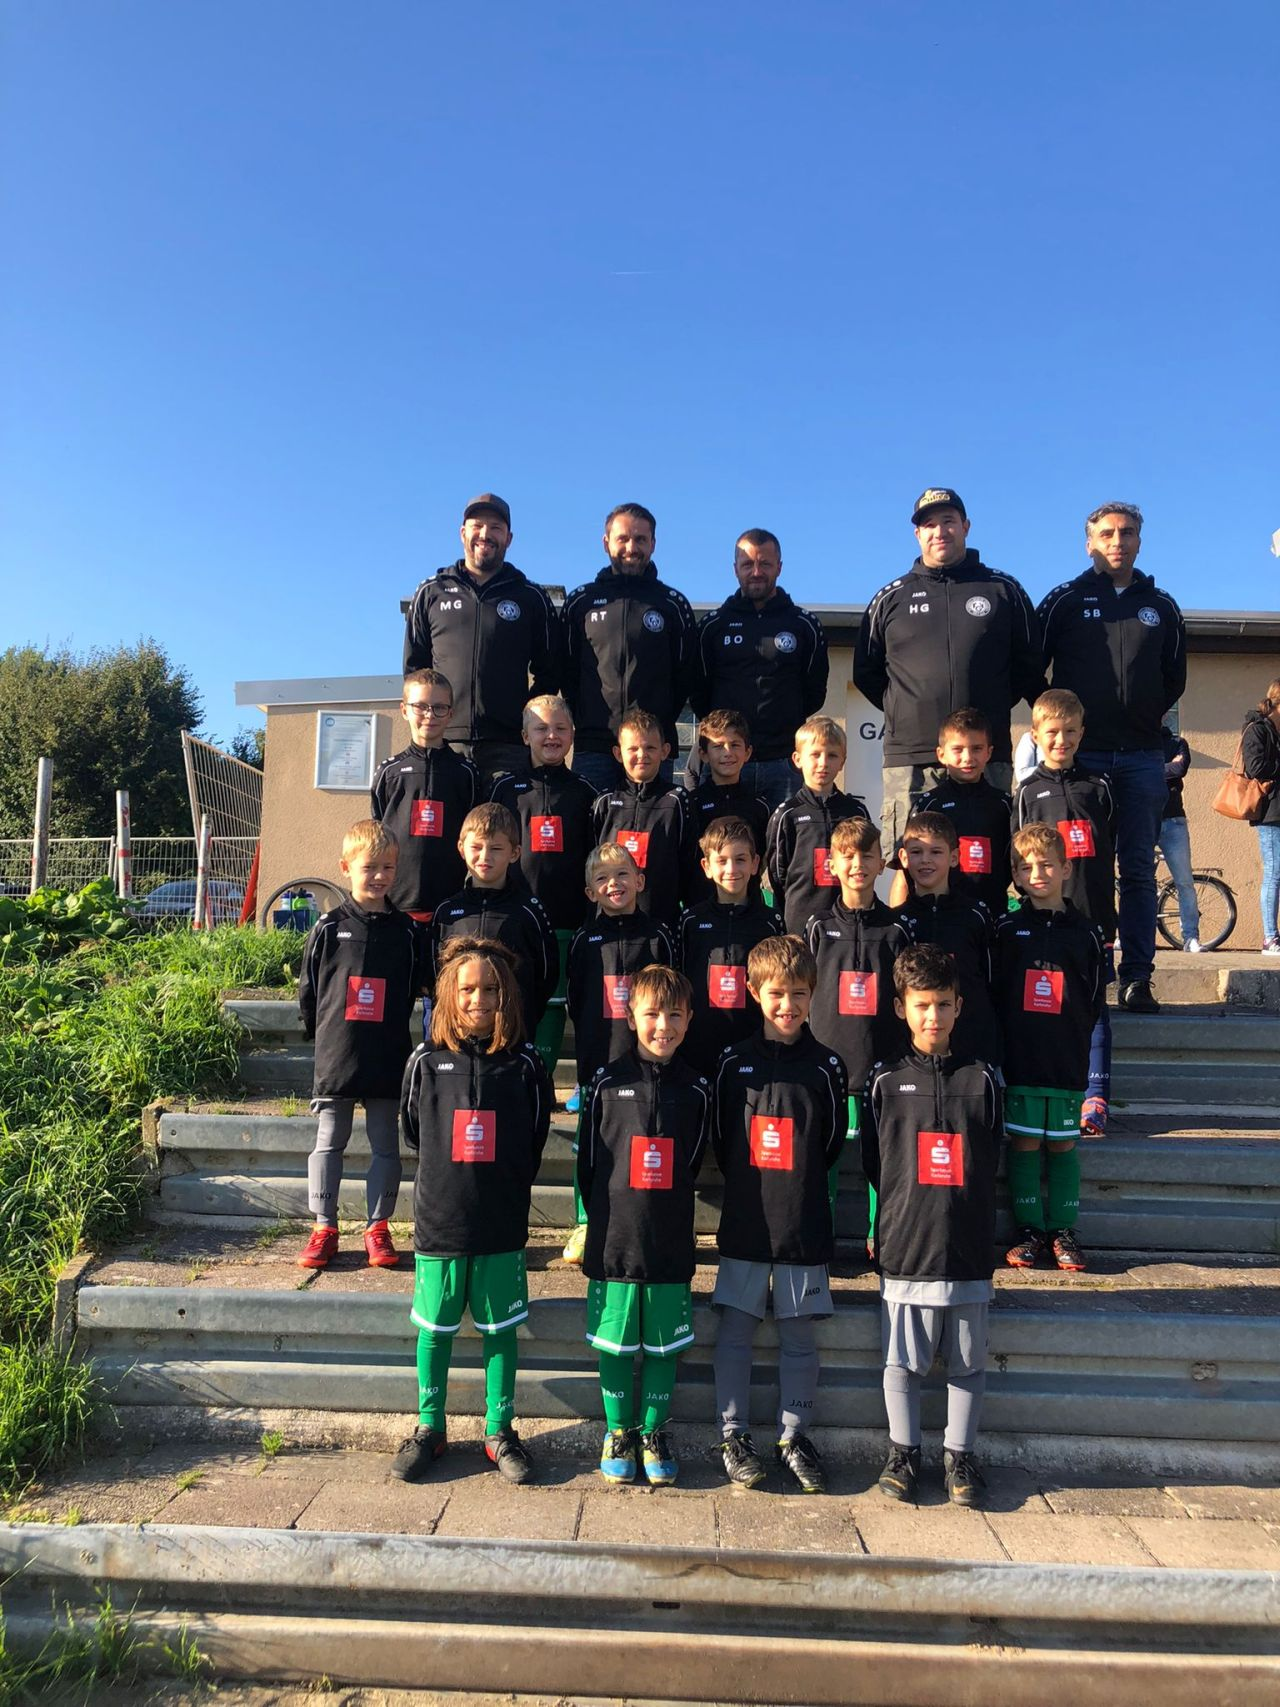 Mannschaftsfoto der F-Jugend beim ersten Spieltag in Linkenheim mit den neuen Trainingsjacken